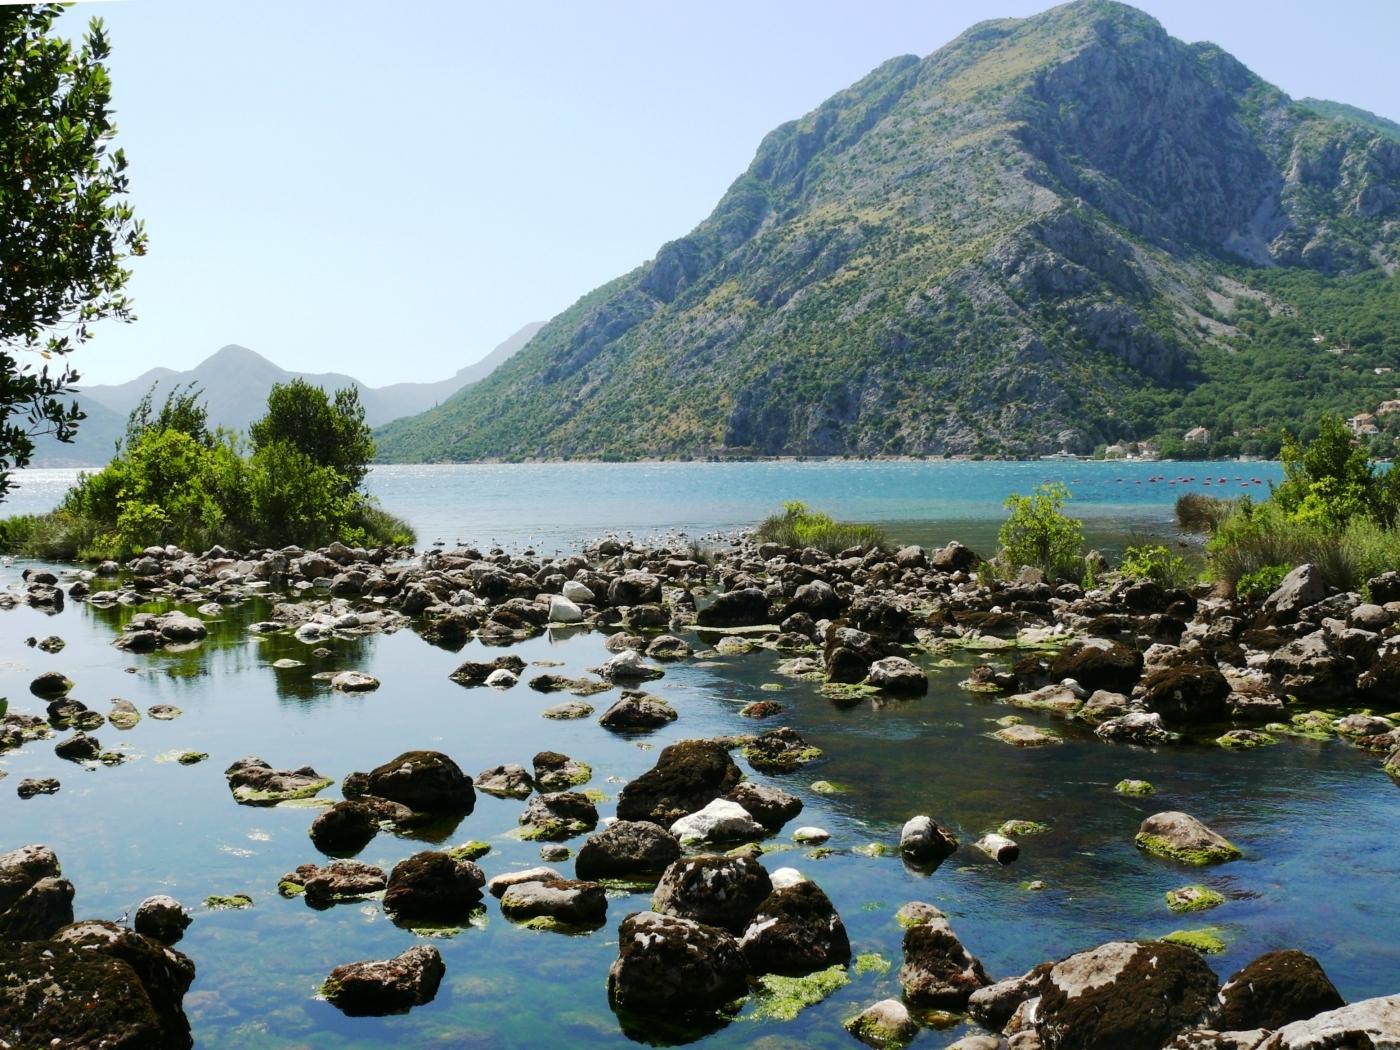 23663 скачать обои Пейзаж, Река, Горы - заставки и картинки бесплатно